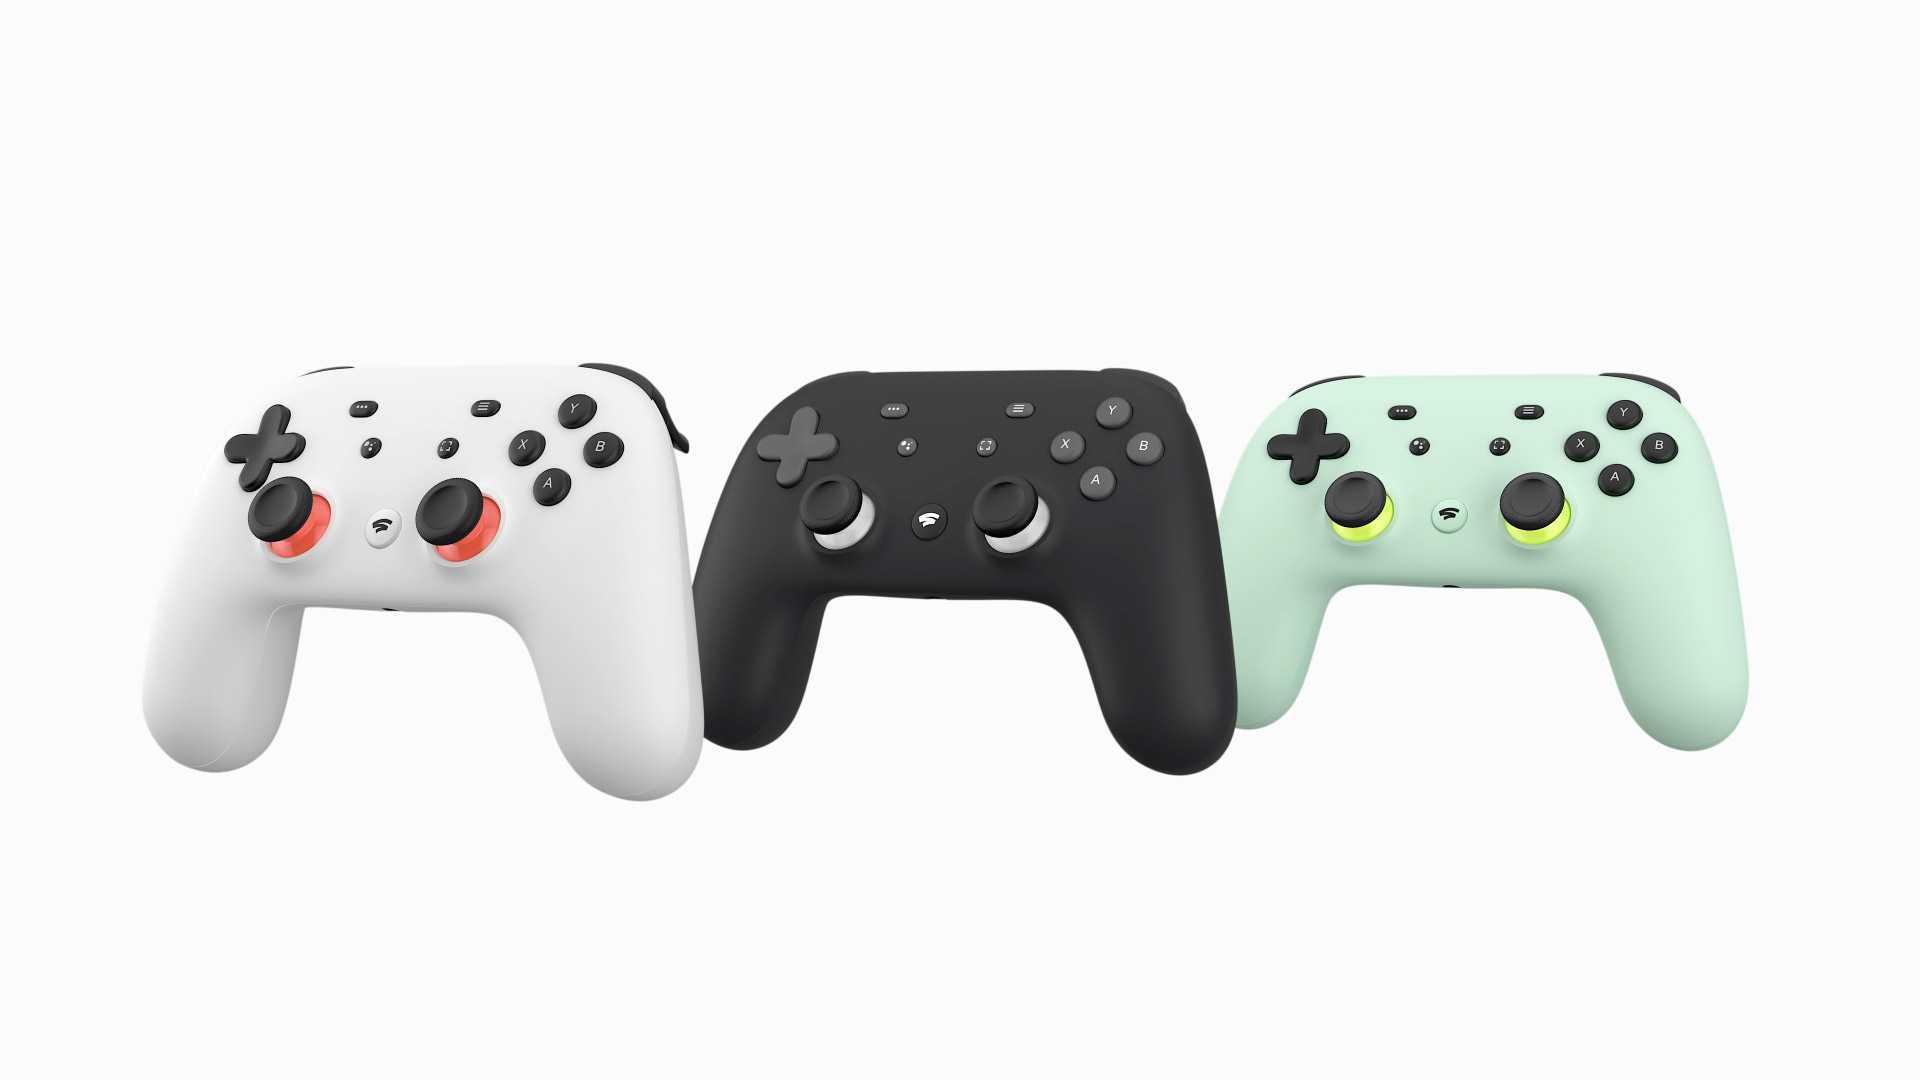 Компания Google представила стиминговый сервис Stadia с помощью которого пользователи смогут запускать требовательные игры независимо от характеристик своего устройства